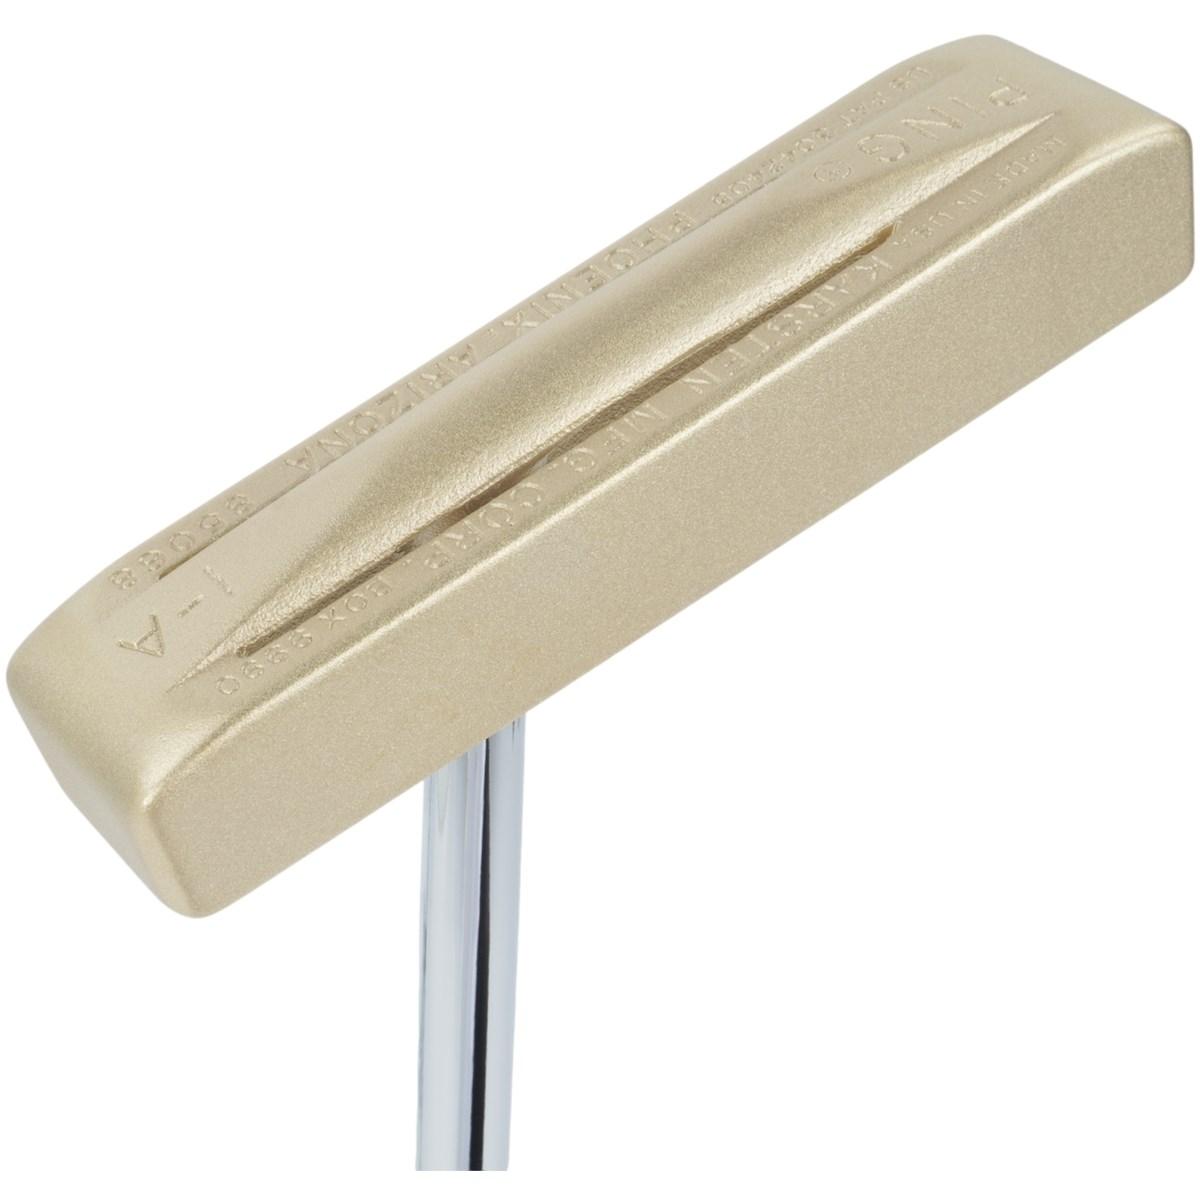 ピン 1-A ブロンズ 1-A パター シャフト:オリジナル スチール 33inch